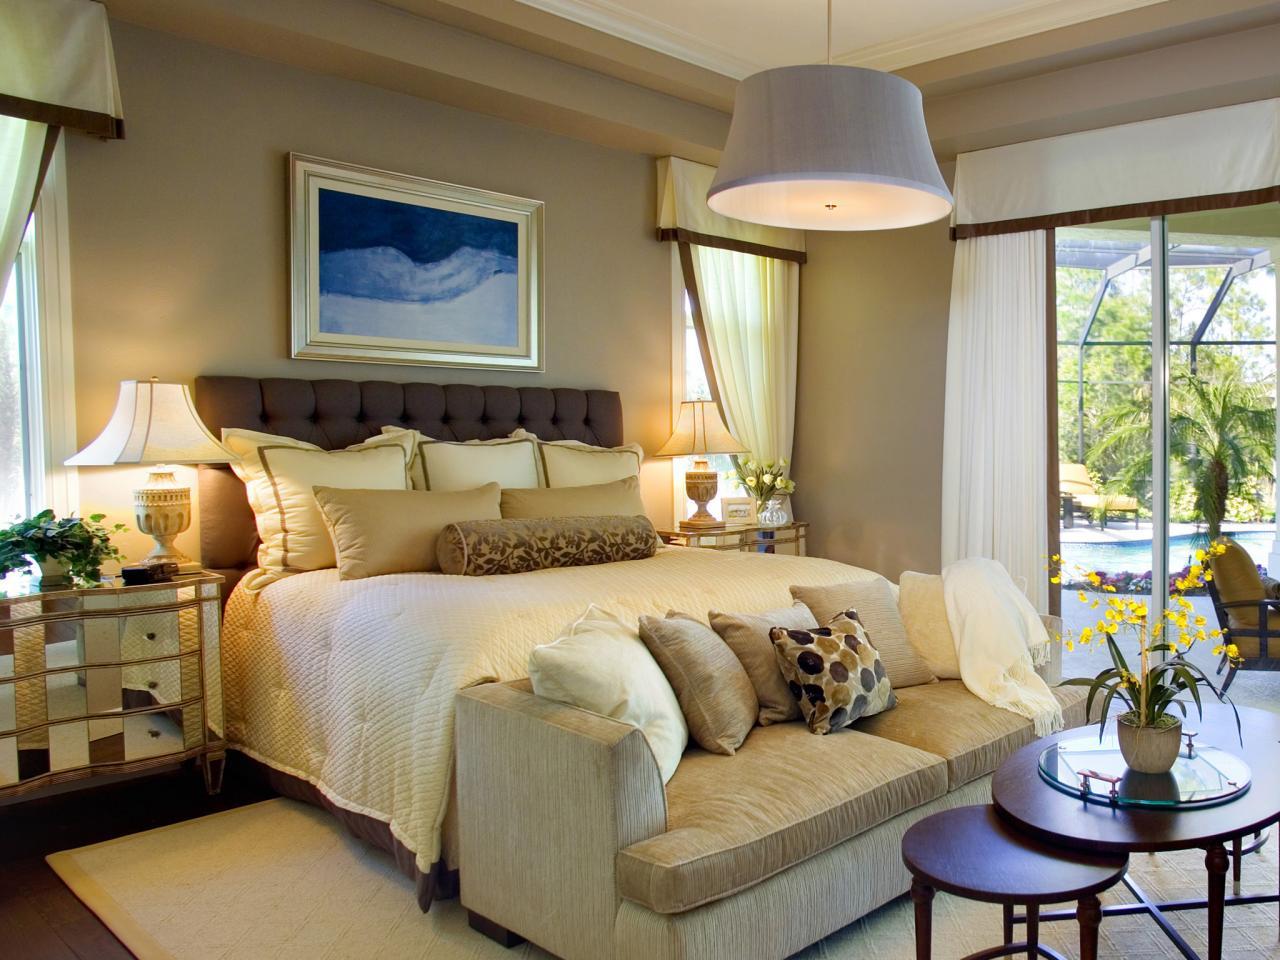 Unique Contemporary Gray and Orange Bedroom master bedroom color ideas